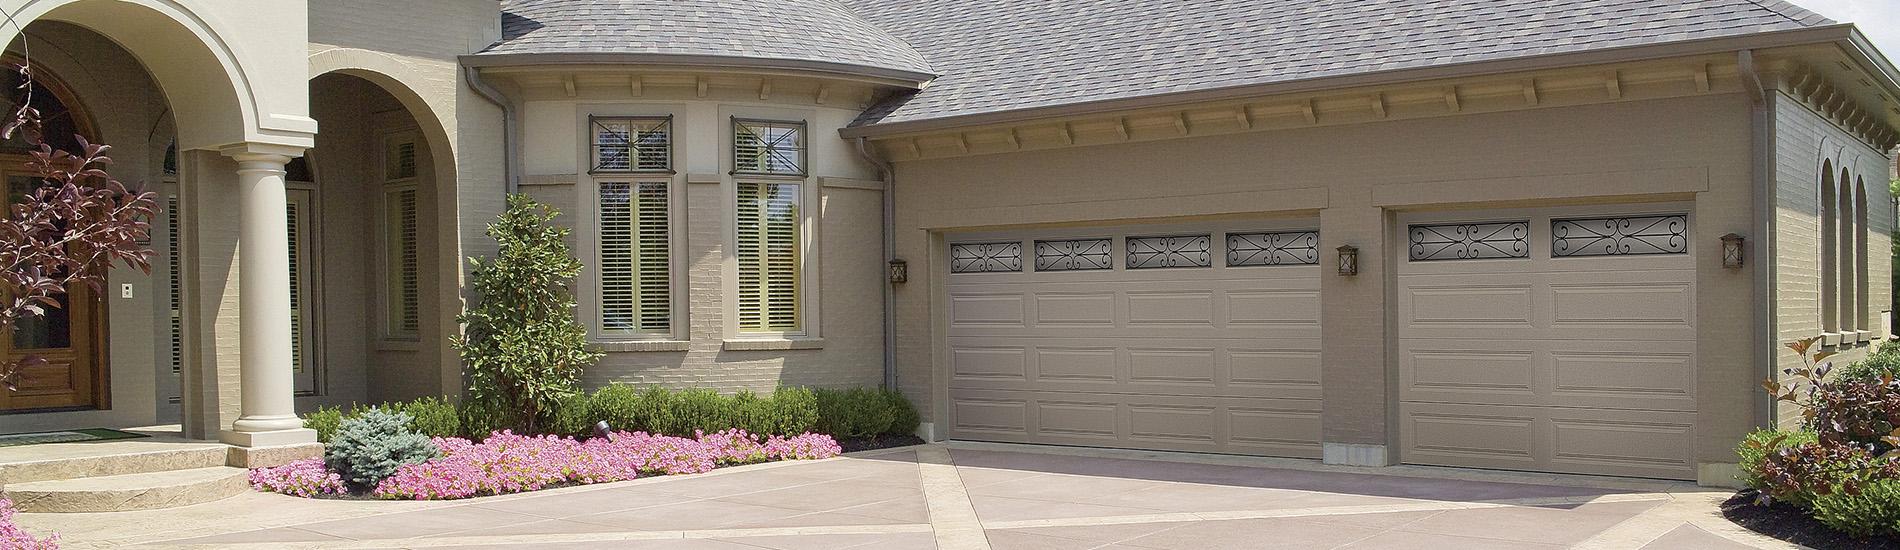 Garage Door Service Amp Repair Coachella Valley Precision